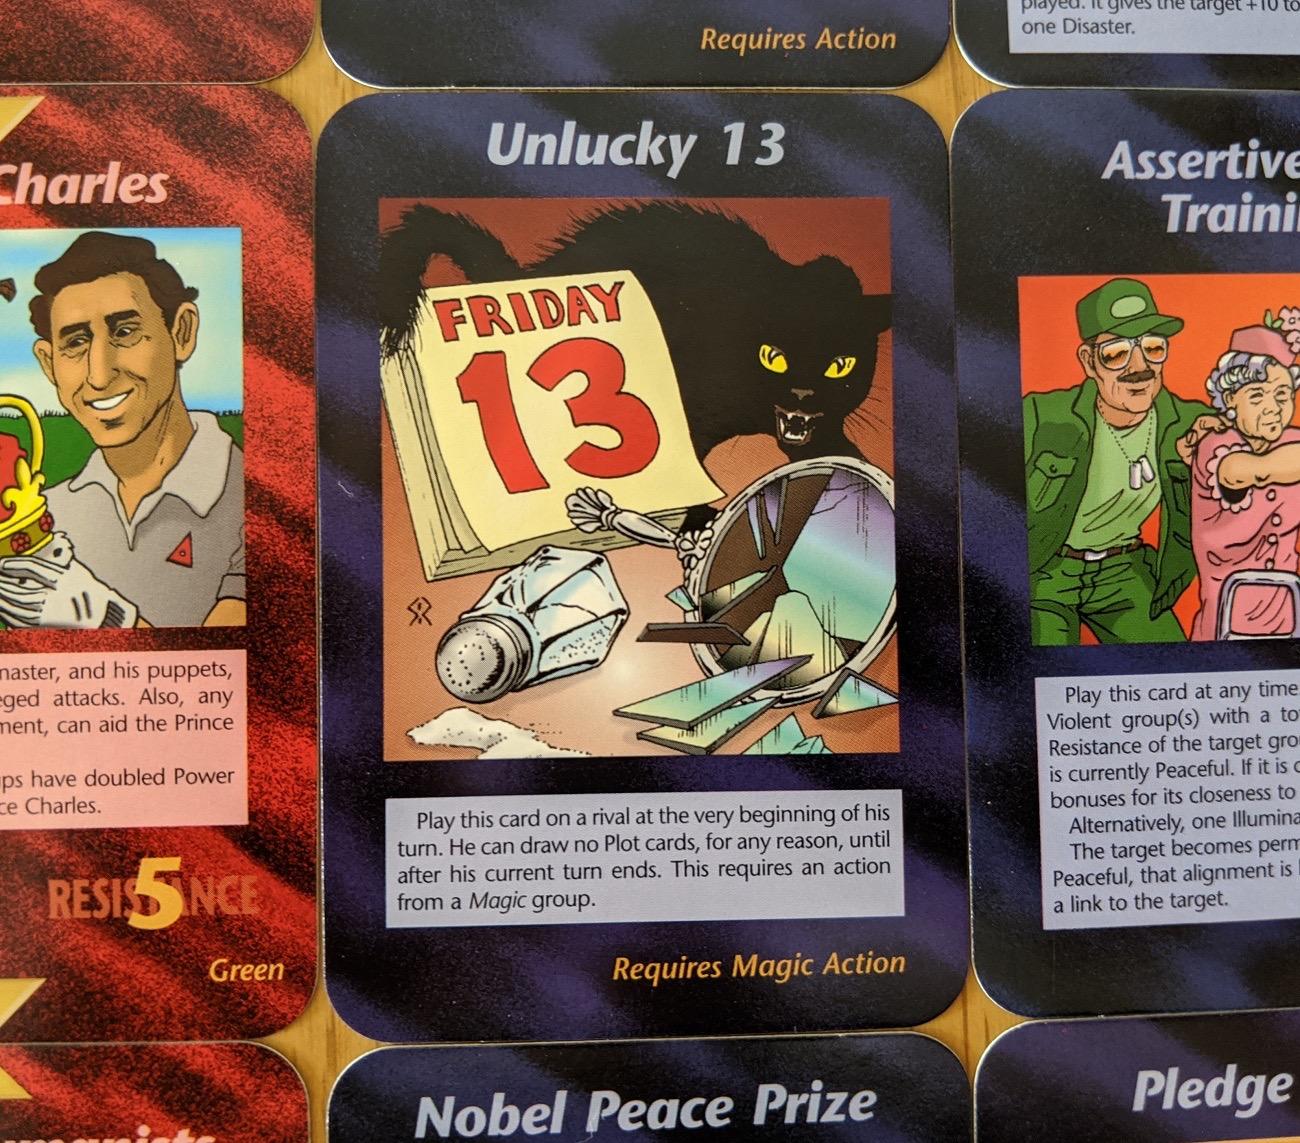 地震 予言 イルミナティ カード 5月11日に大地震が来ると予測している人が多い【謎のイルミナカードは未来を占う?】誰かデマだと言ってくれ